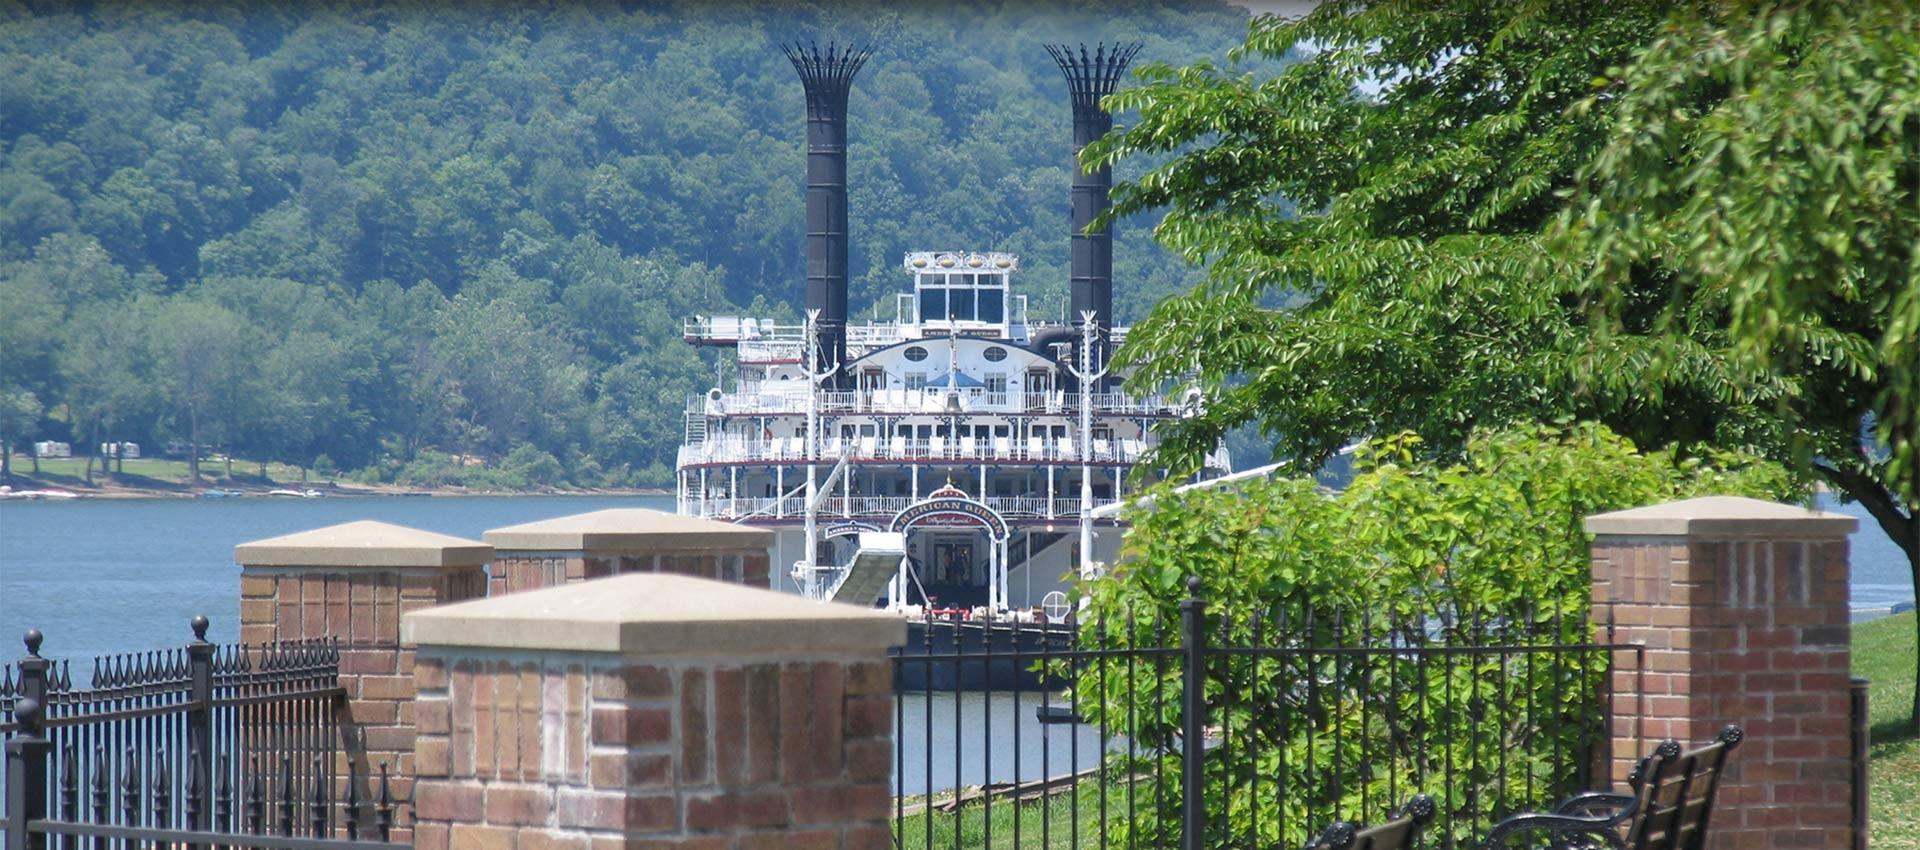 Paddlewheel on Ohio River